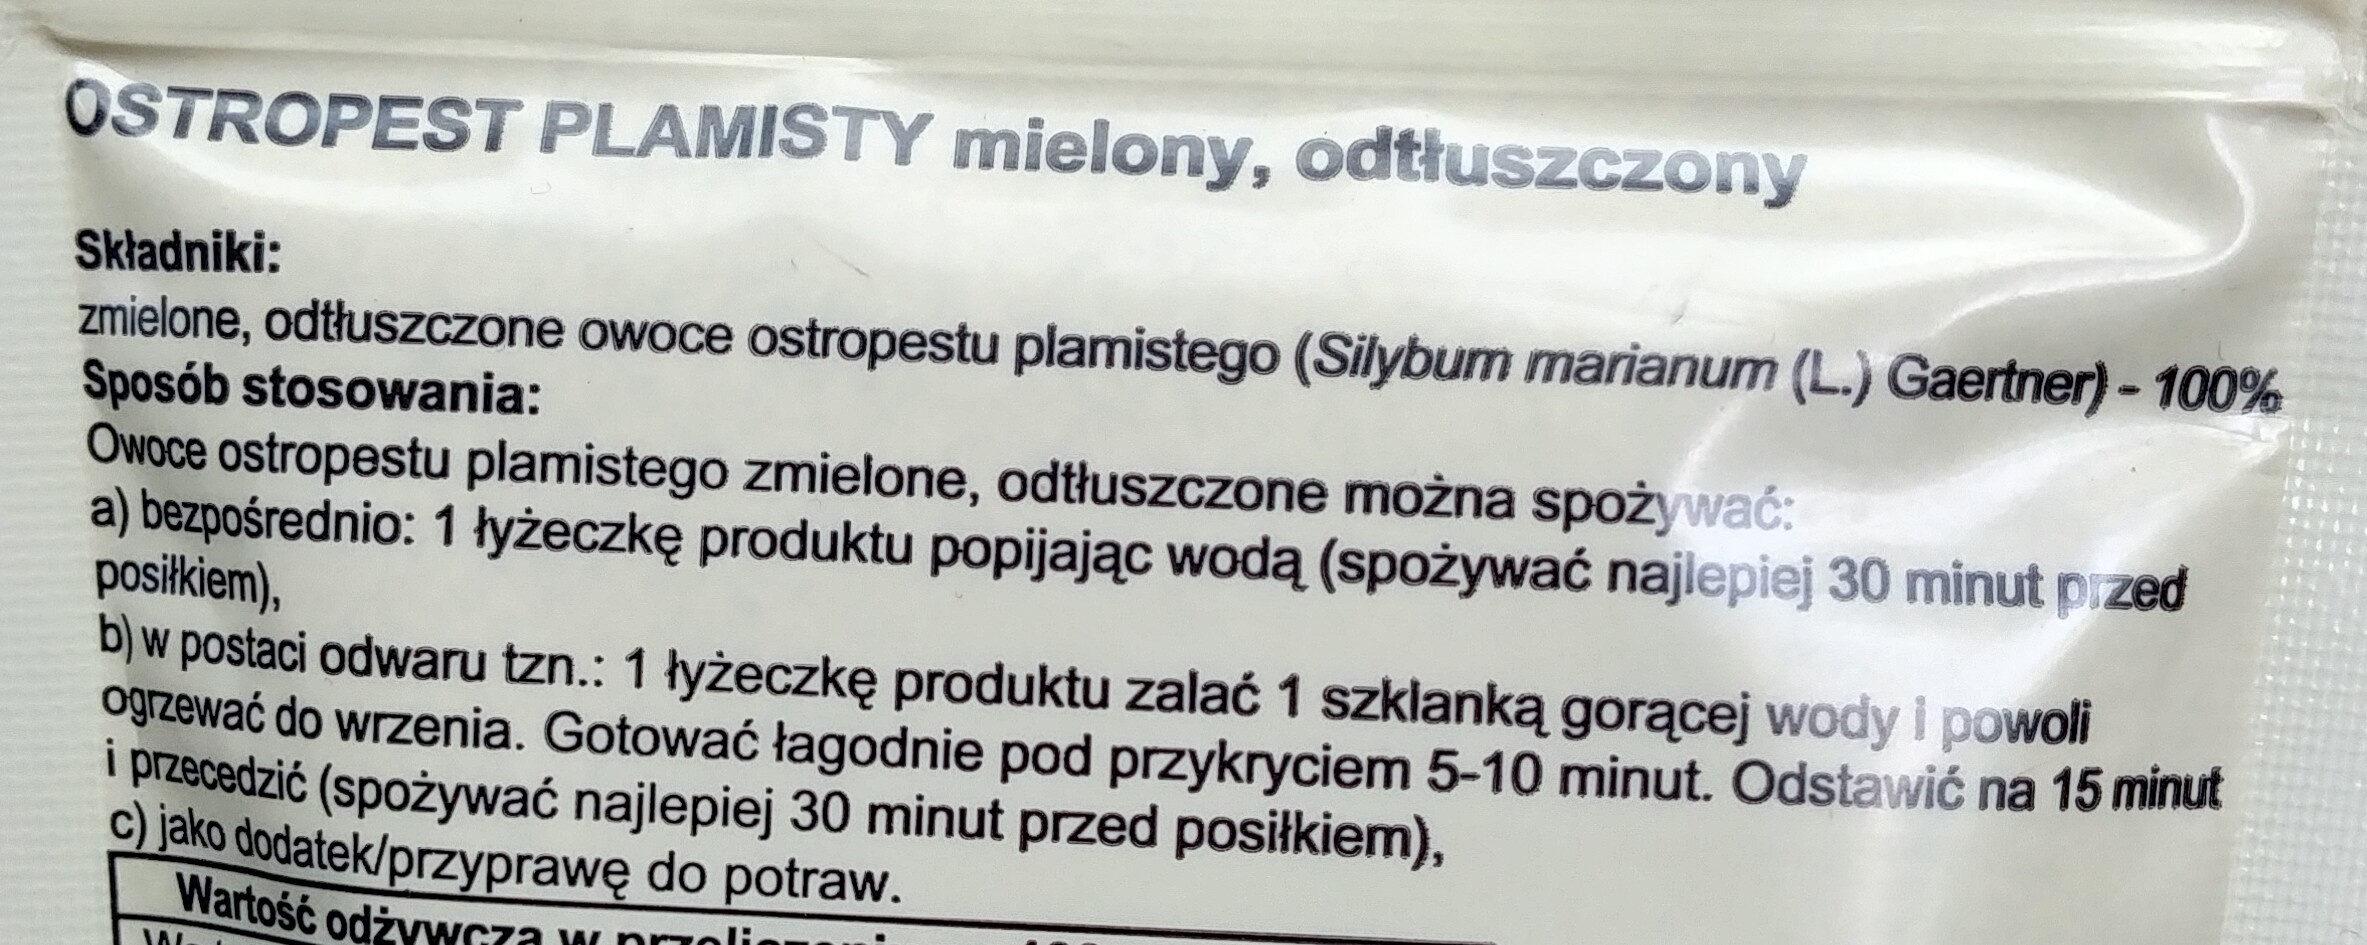 Ostropest plamisty mielony, odtłuszczony. - Ingredients - pl